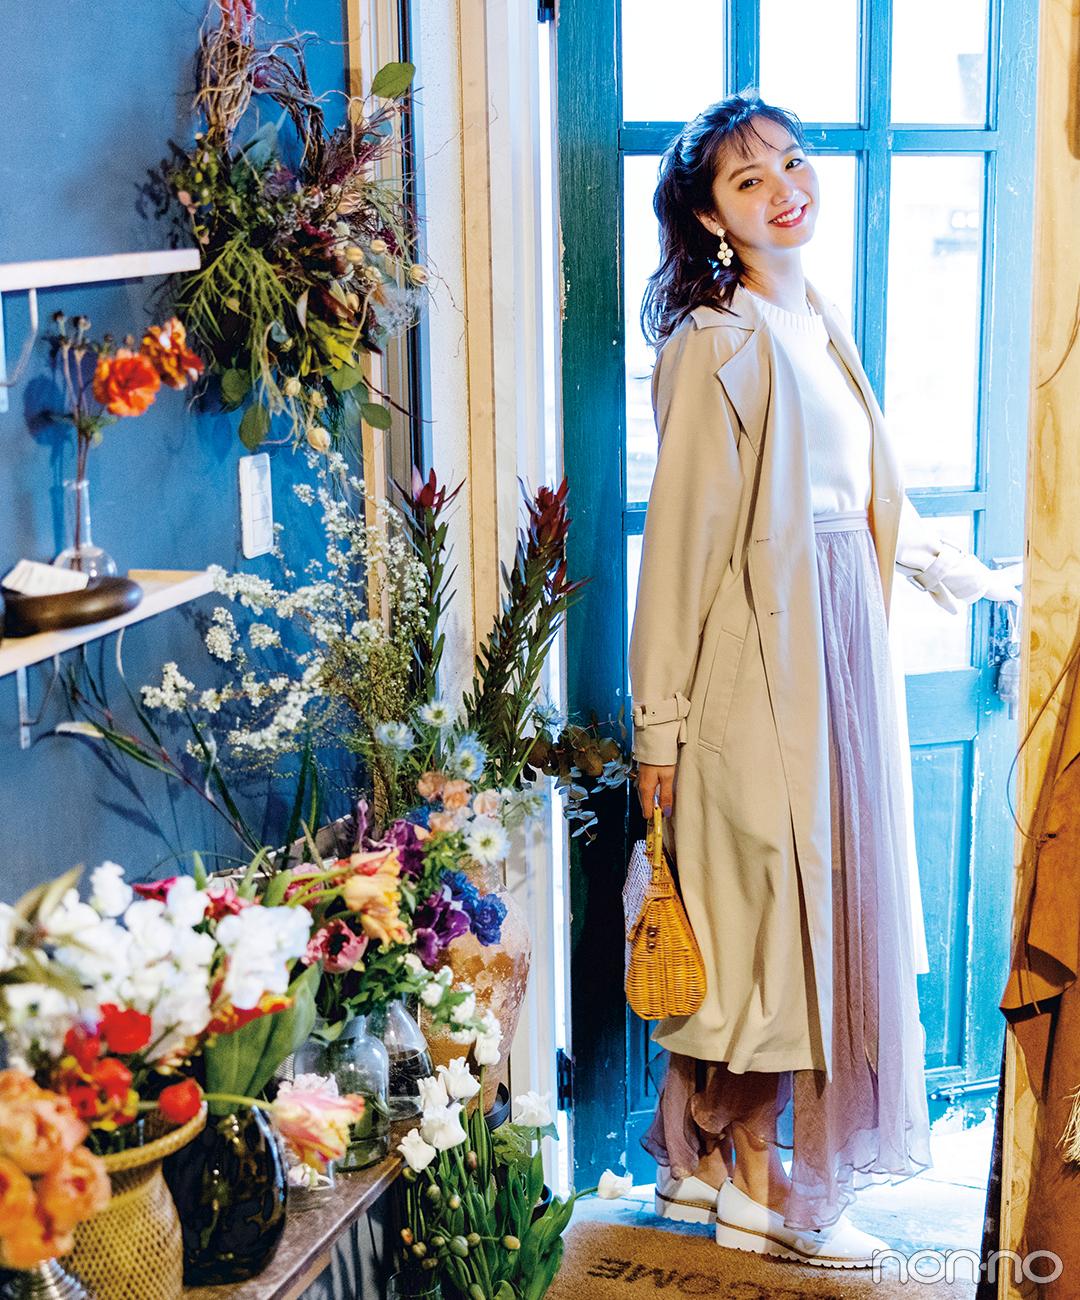 新川優愛はとろみトレンチコート&透けスカートで春フェミニンを満喫!【毎日コーデ】_1_1